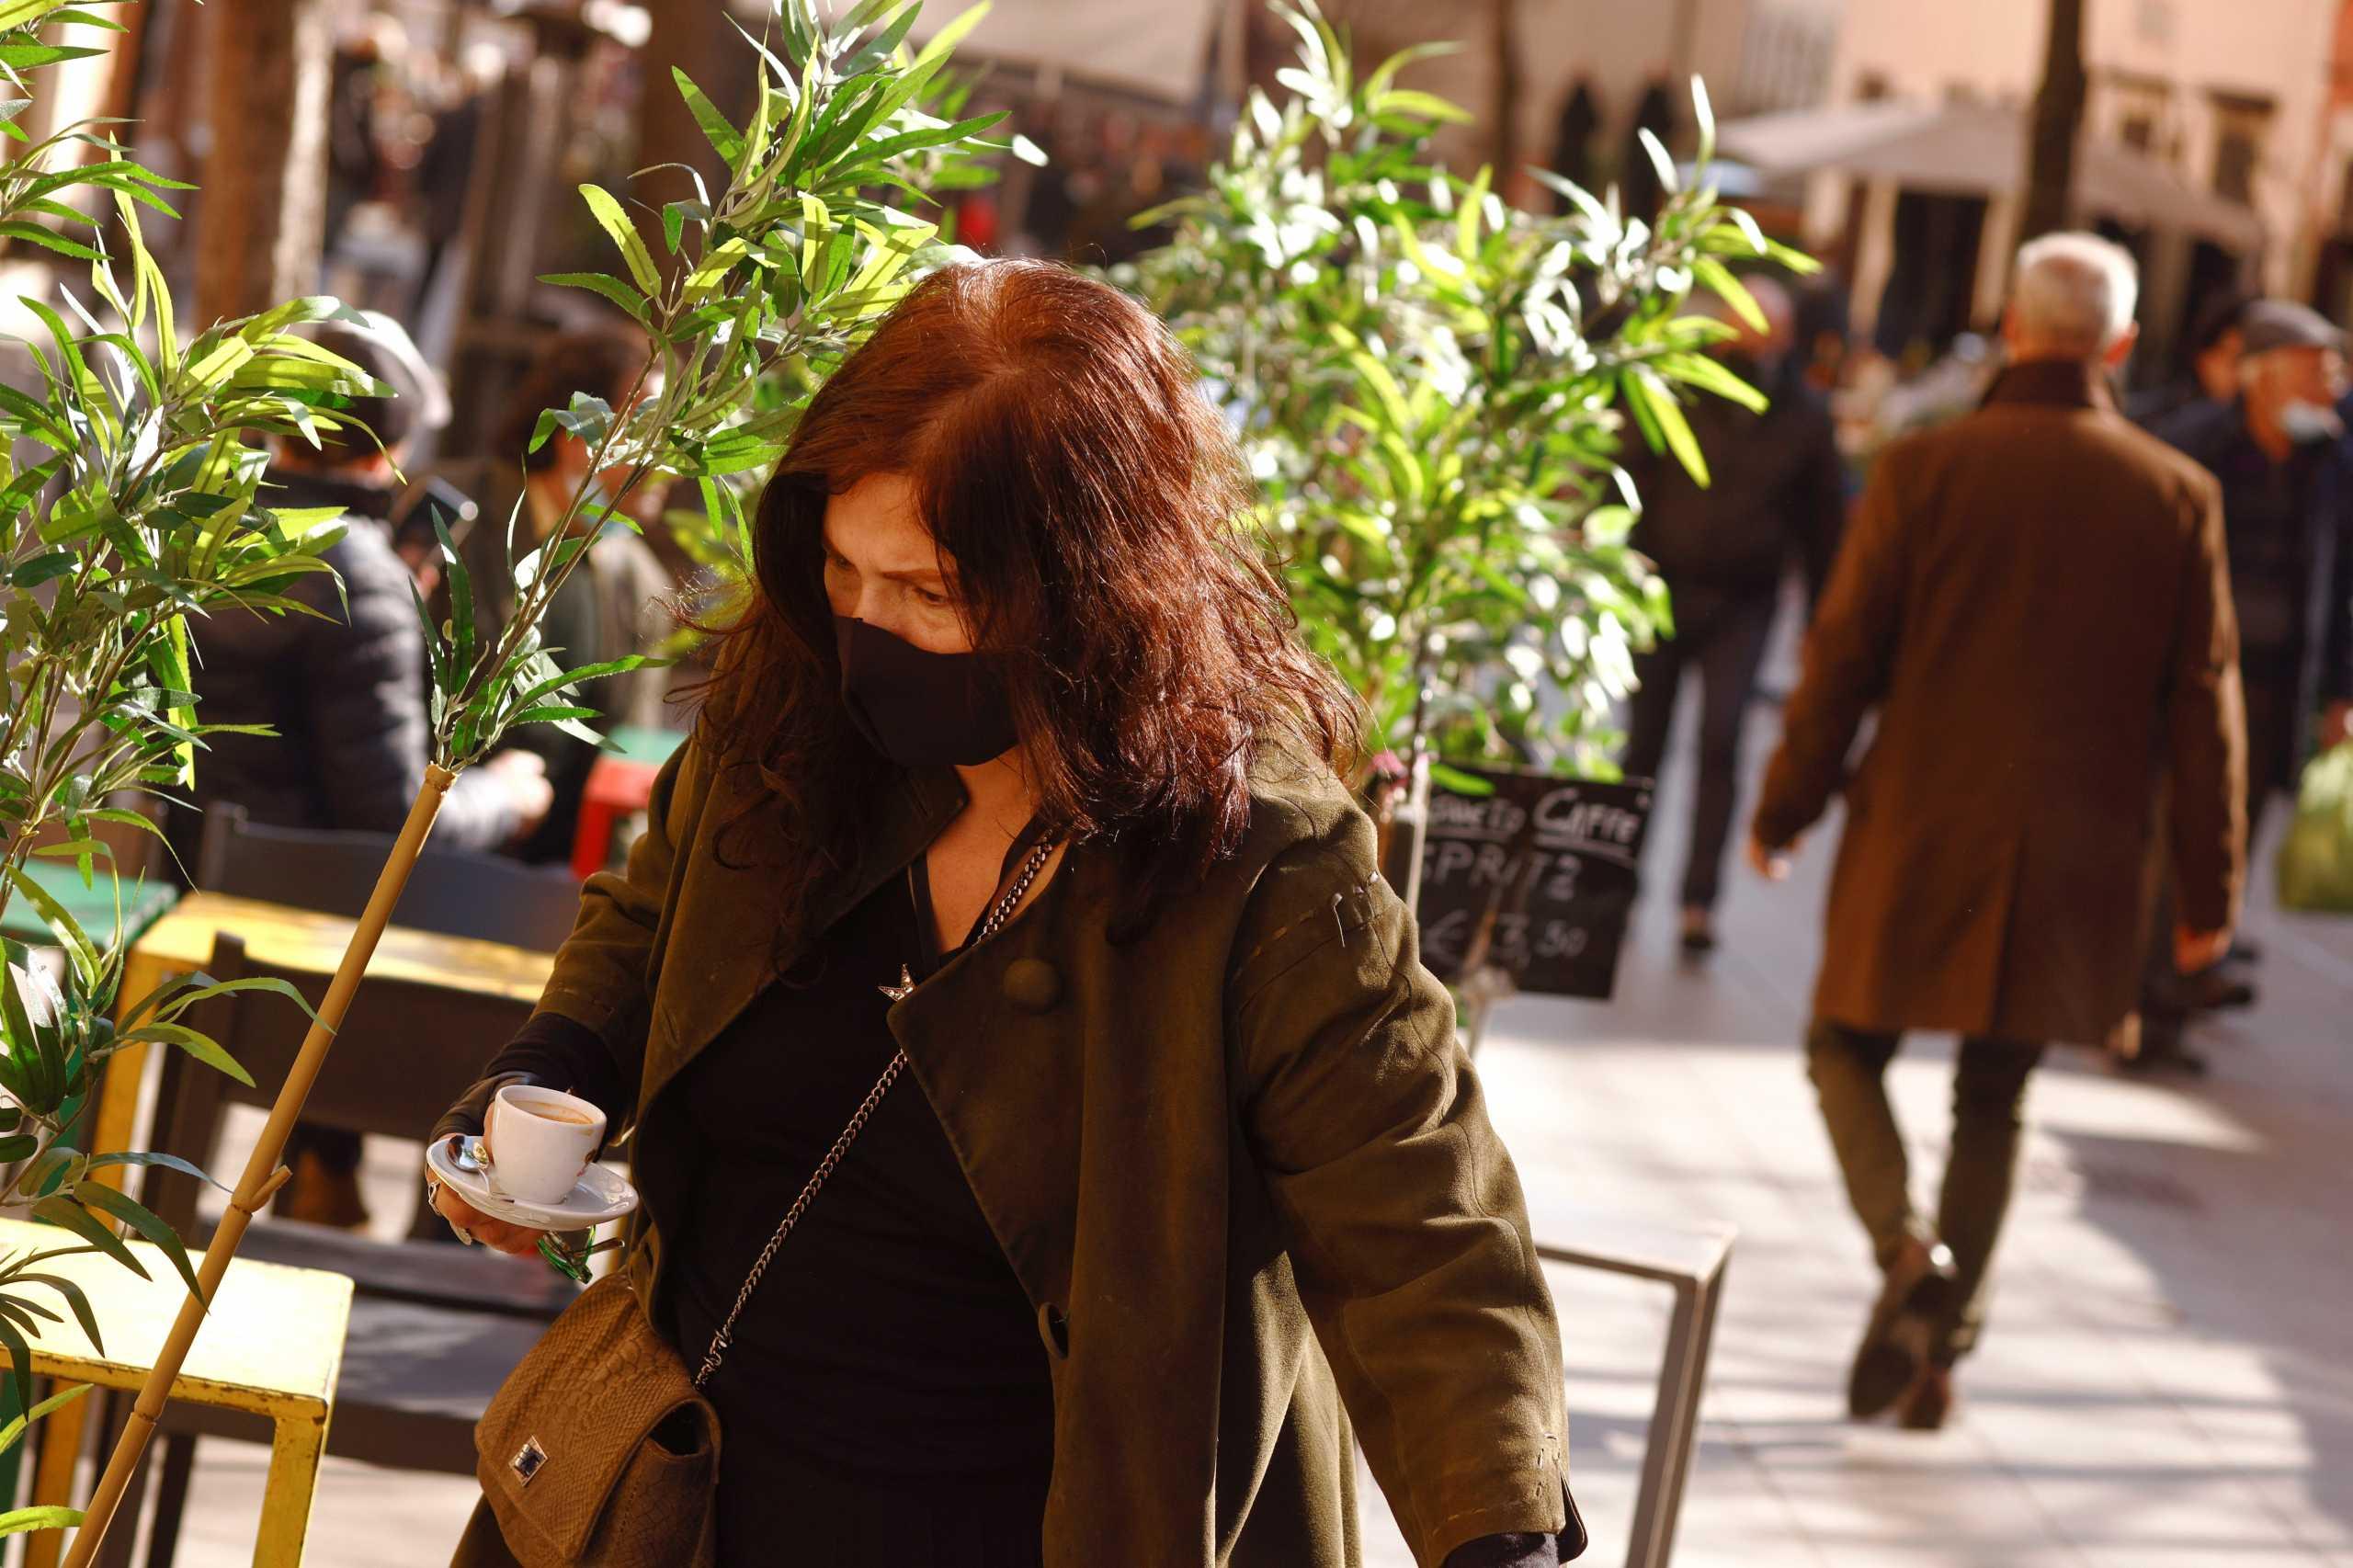 Ιταλία: Πάνω από 90.000 οι νεκροί από την πανδημία – Σήμερα 13.659 κρούσματα